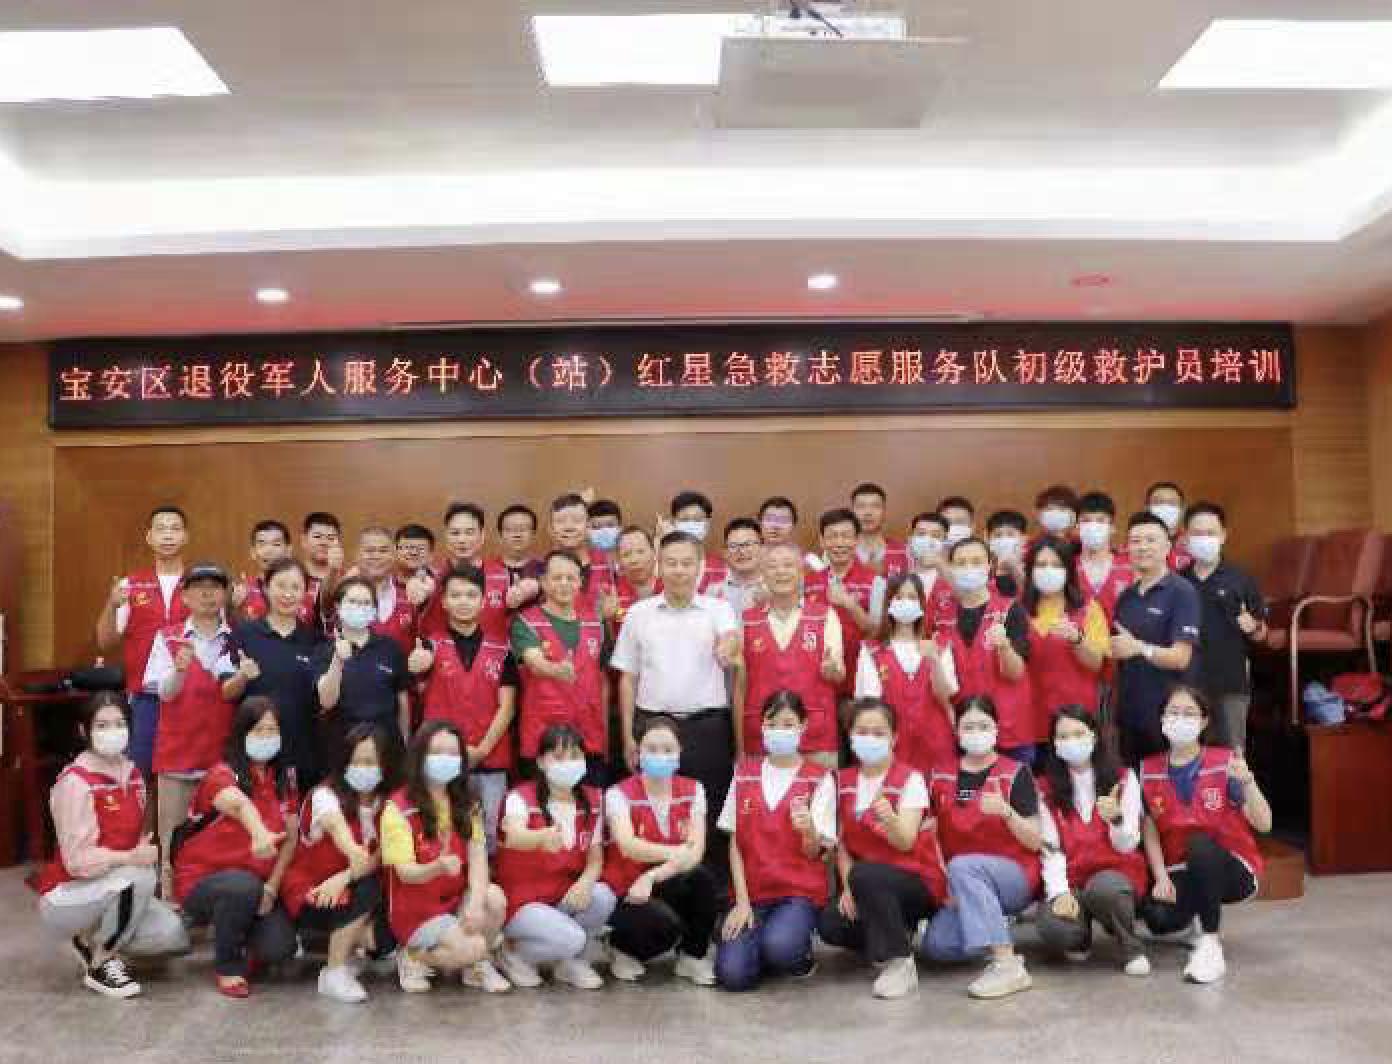 宝安区退役军人红星急救培训班开班